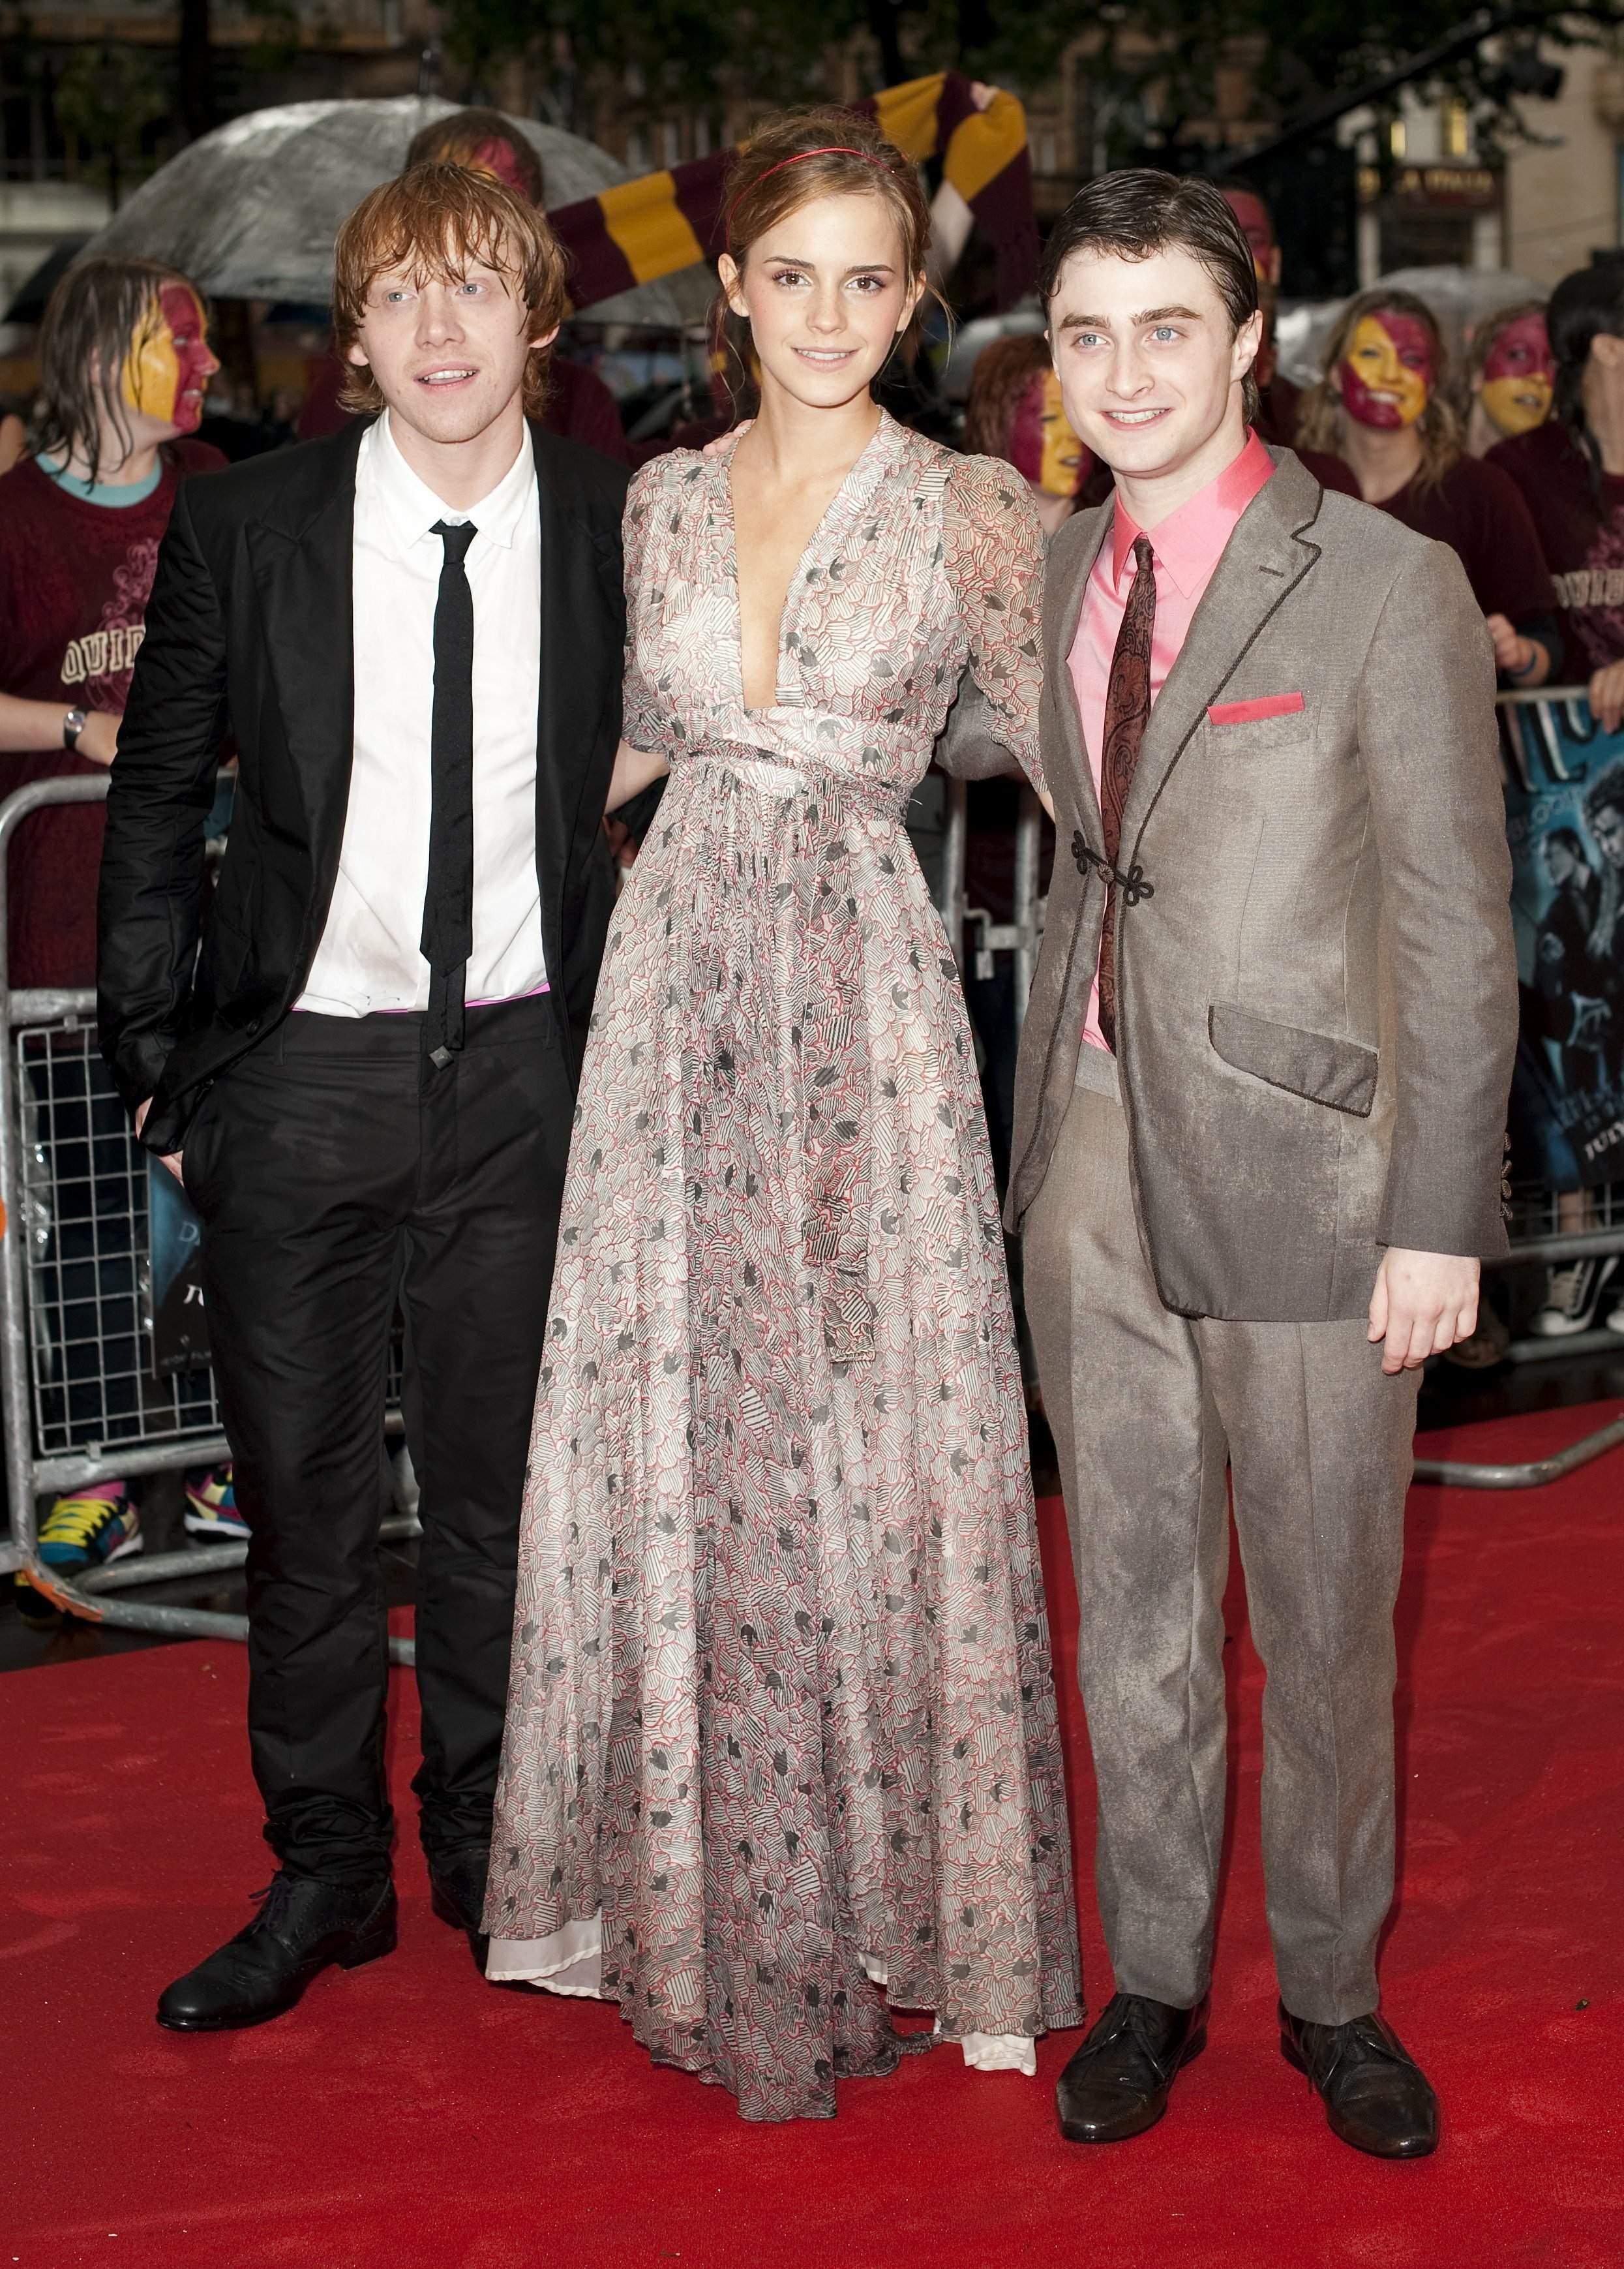 52940_Emma_Watson_HPaTHBP_premiere_in_London04099_122_1131lo.jpg